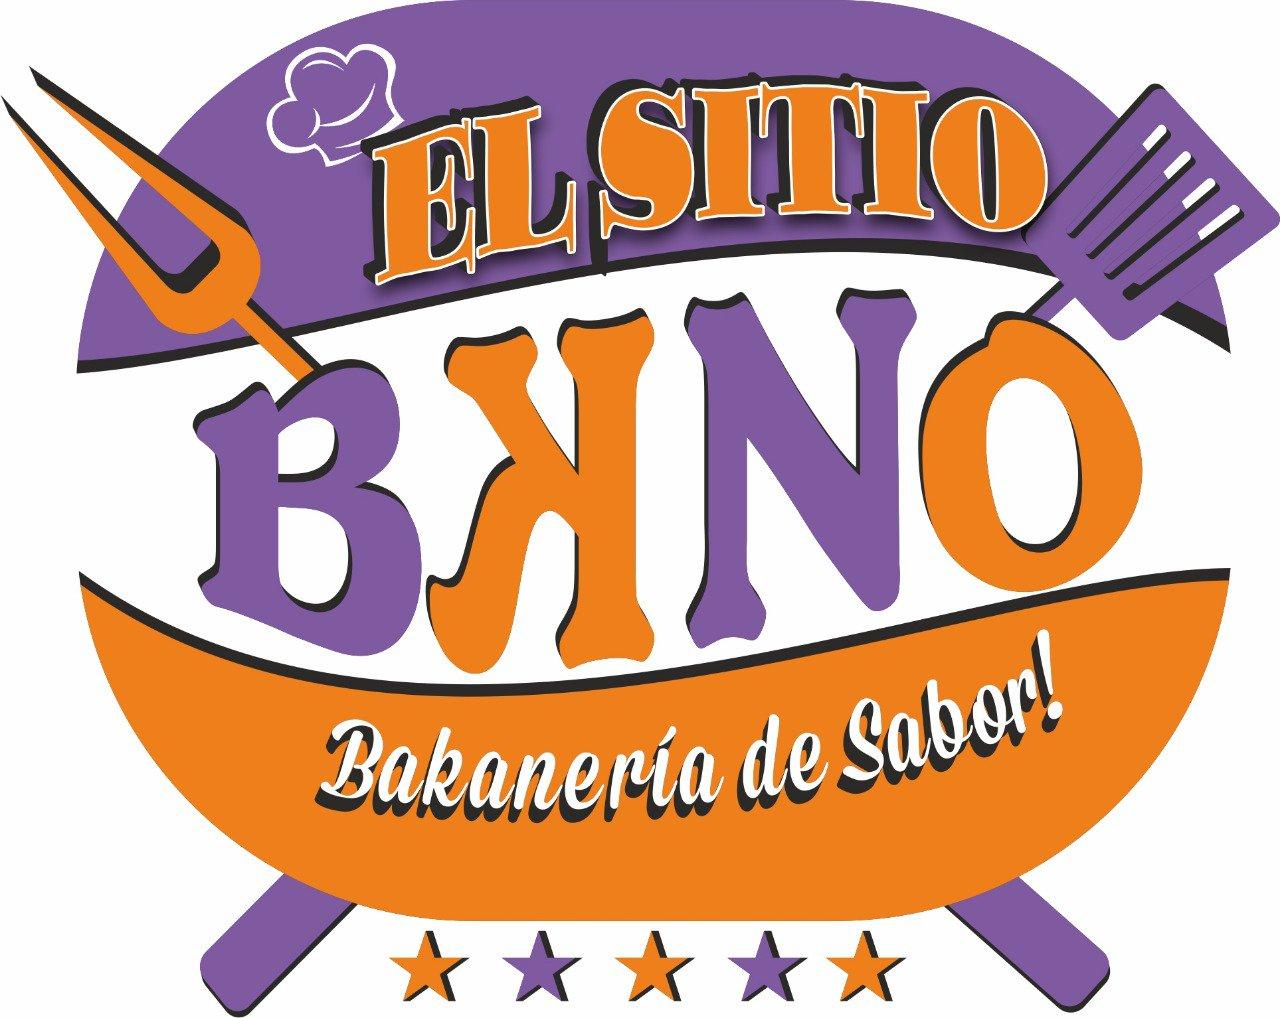 El sitio Bkno